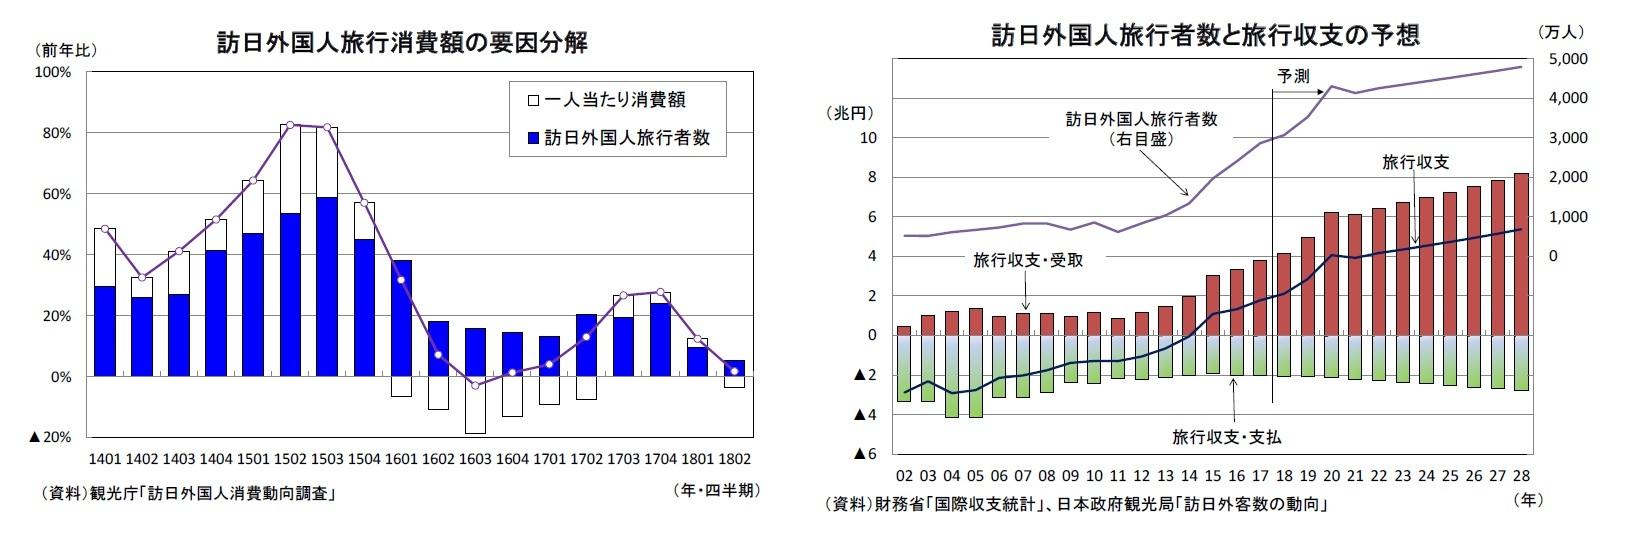 訪日外国人旅行消費額の要因分解/訪日外国人旅行者数と旅行収支の予想